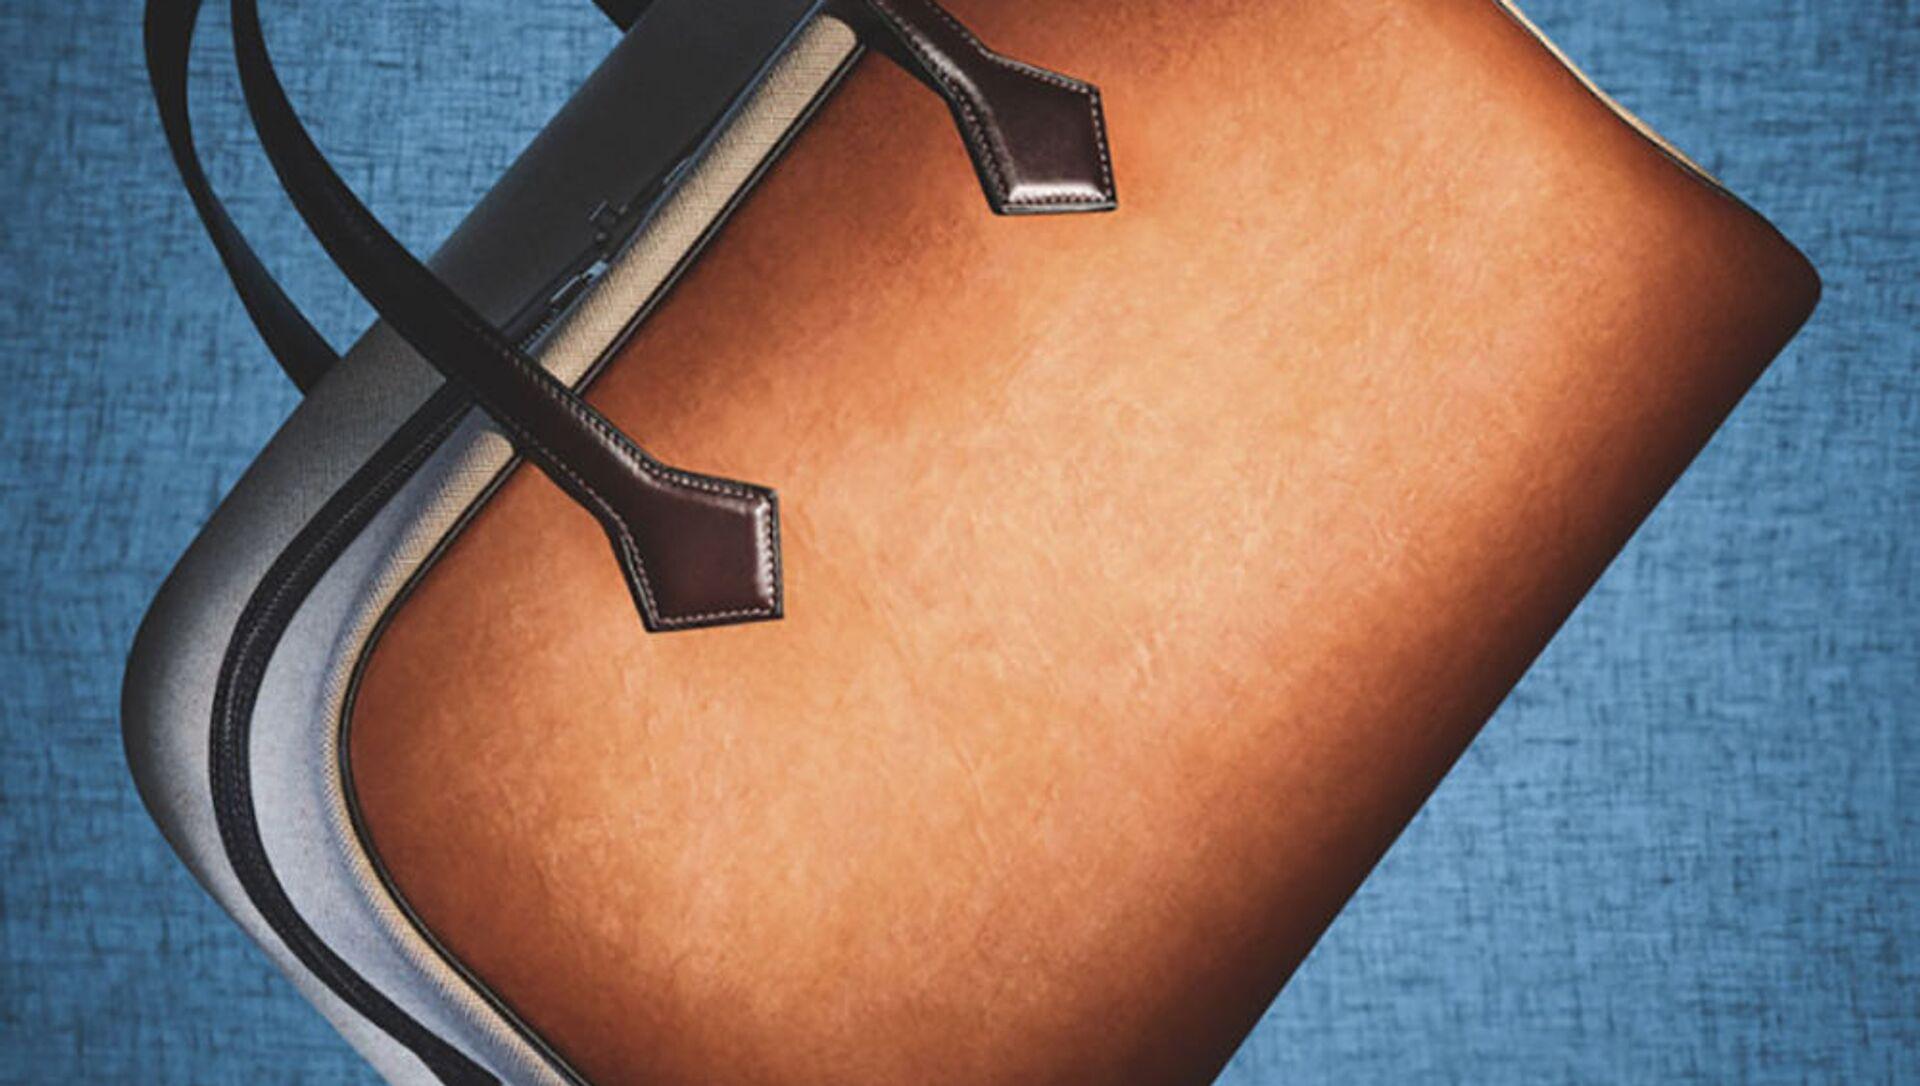 Hermès ra mắt túi giả da có nguyên liệu từ nấm - Sputnik Việt Nam, 1920, 13.03.2021